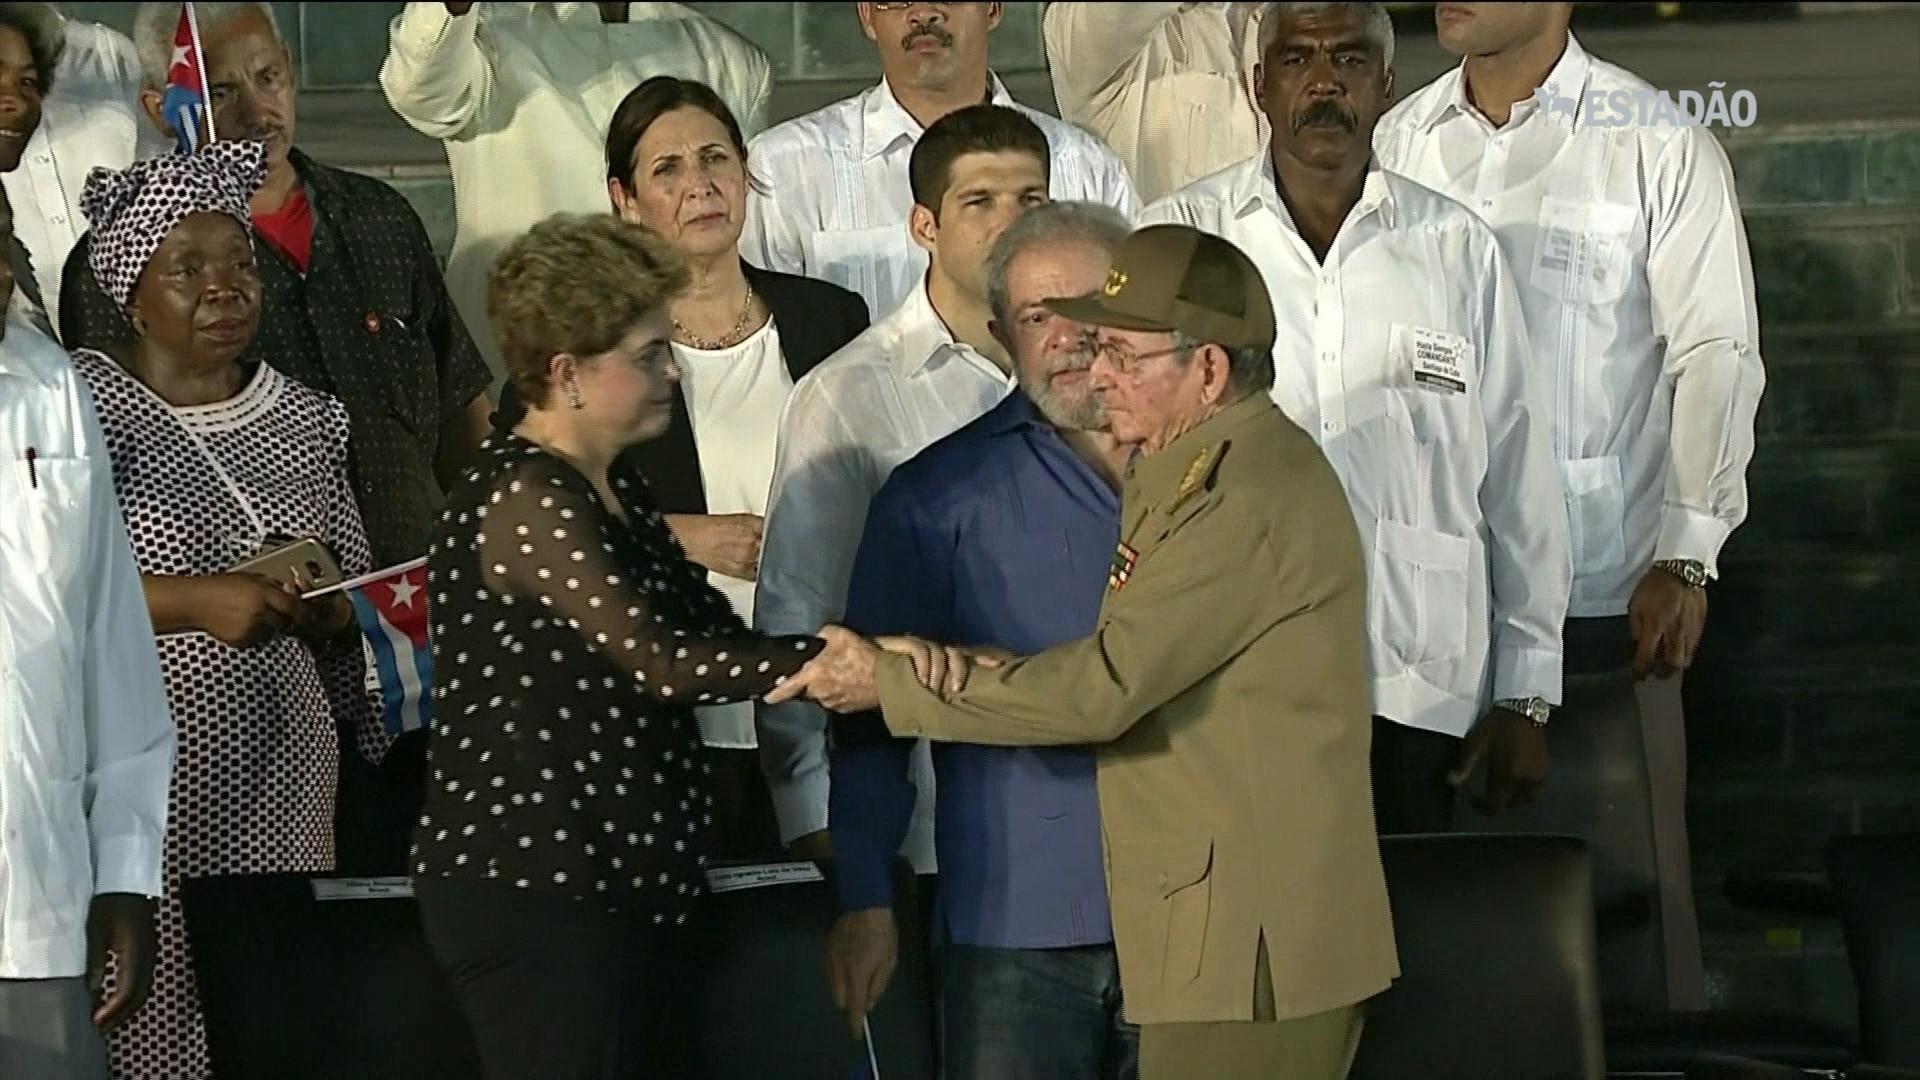 Lula e Dilma são recebidos por Raúl Castro